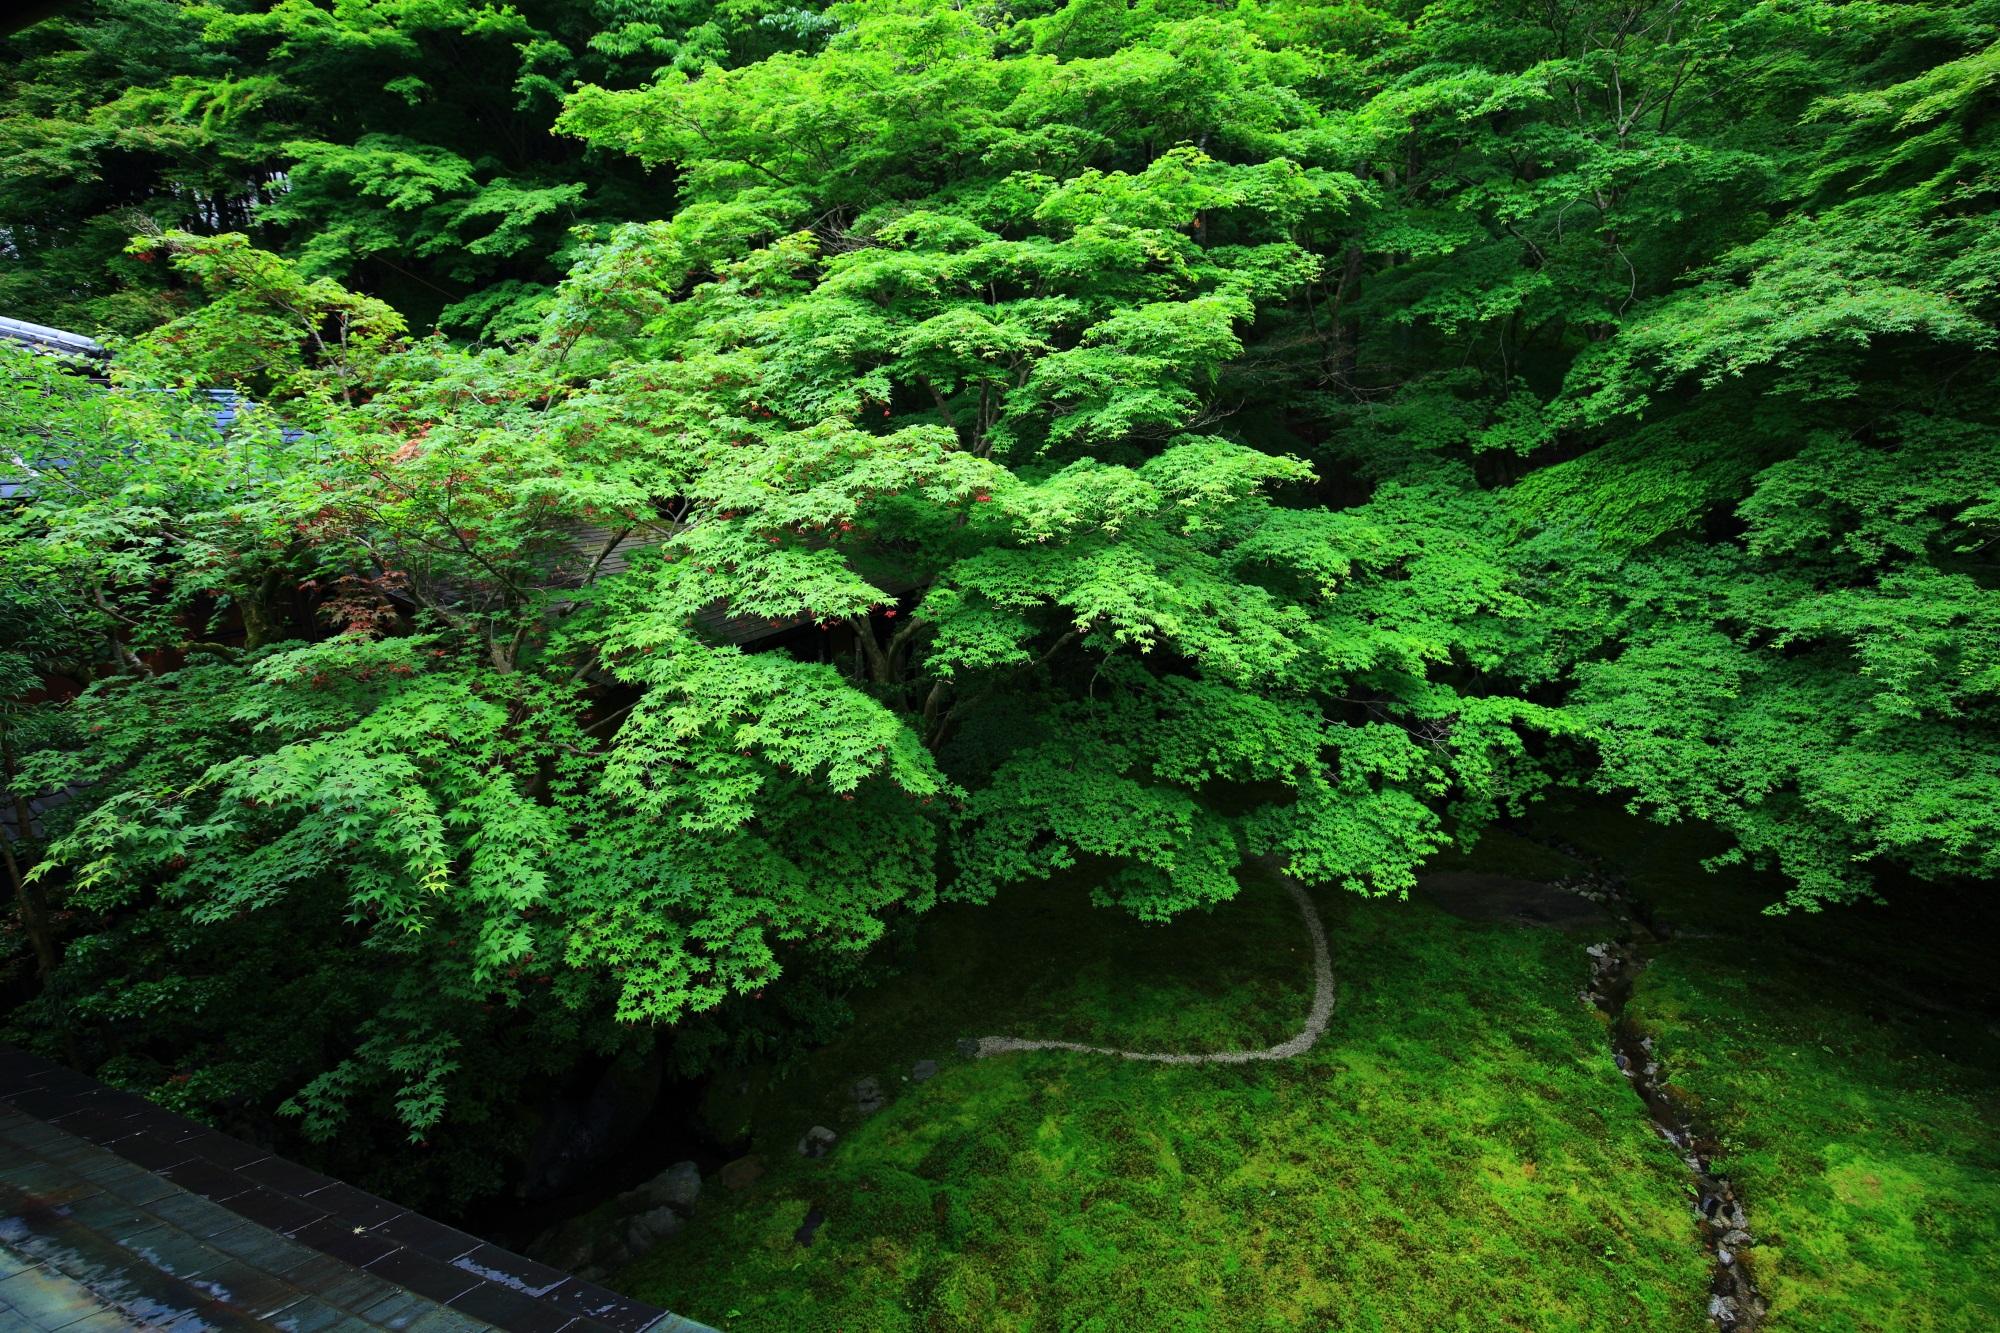 瑠璃光院 写真 高画質 青もみじ 新緑 瑠璃の庭